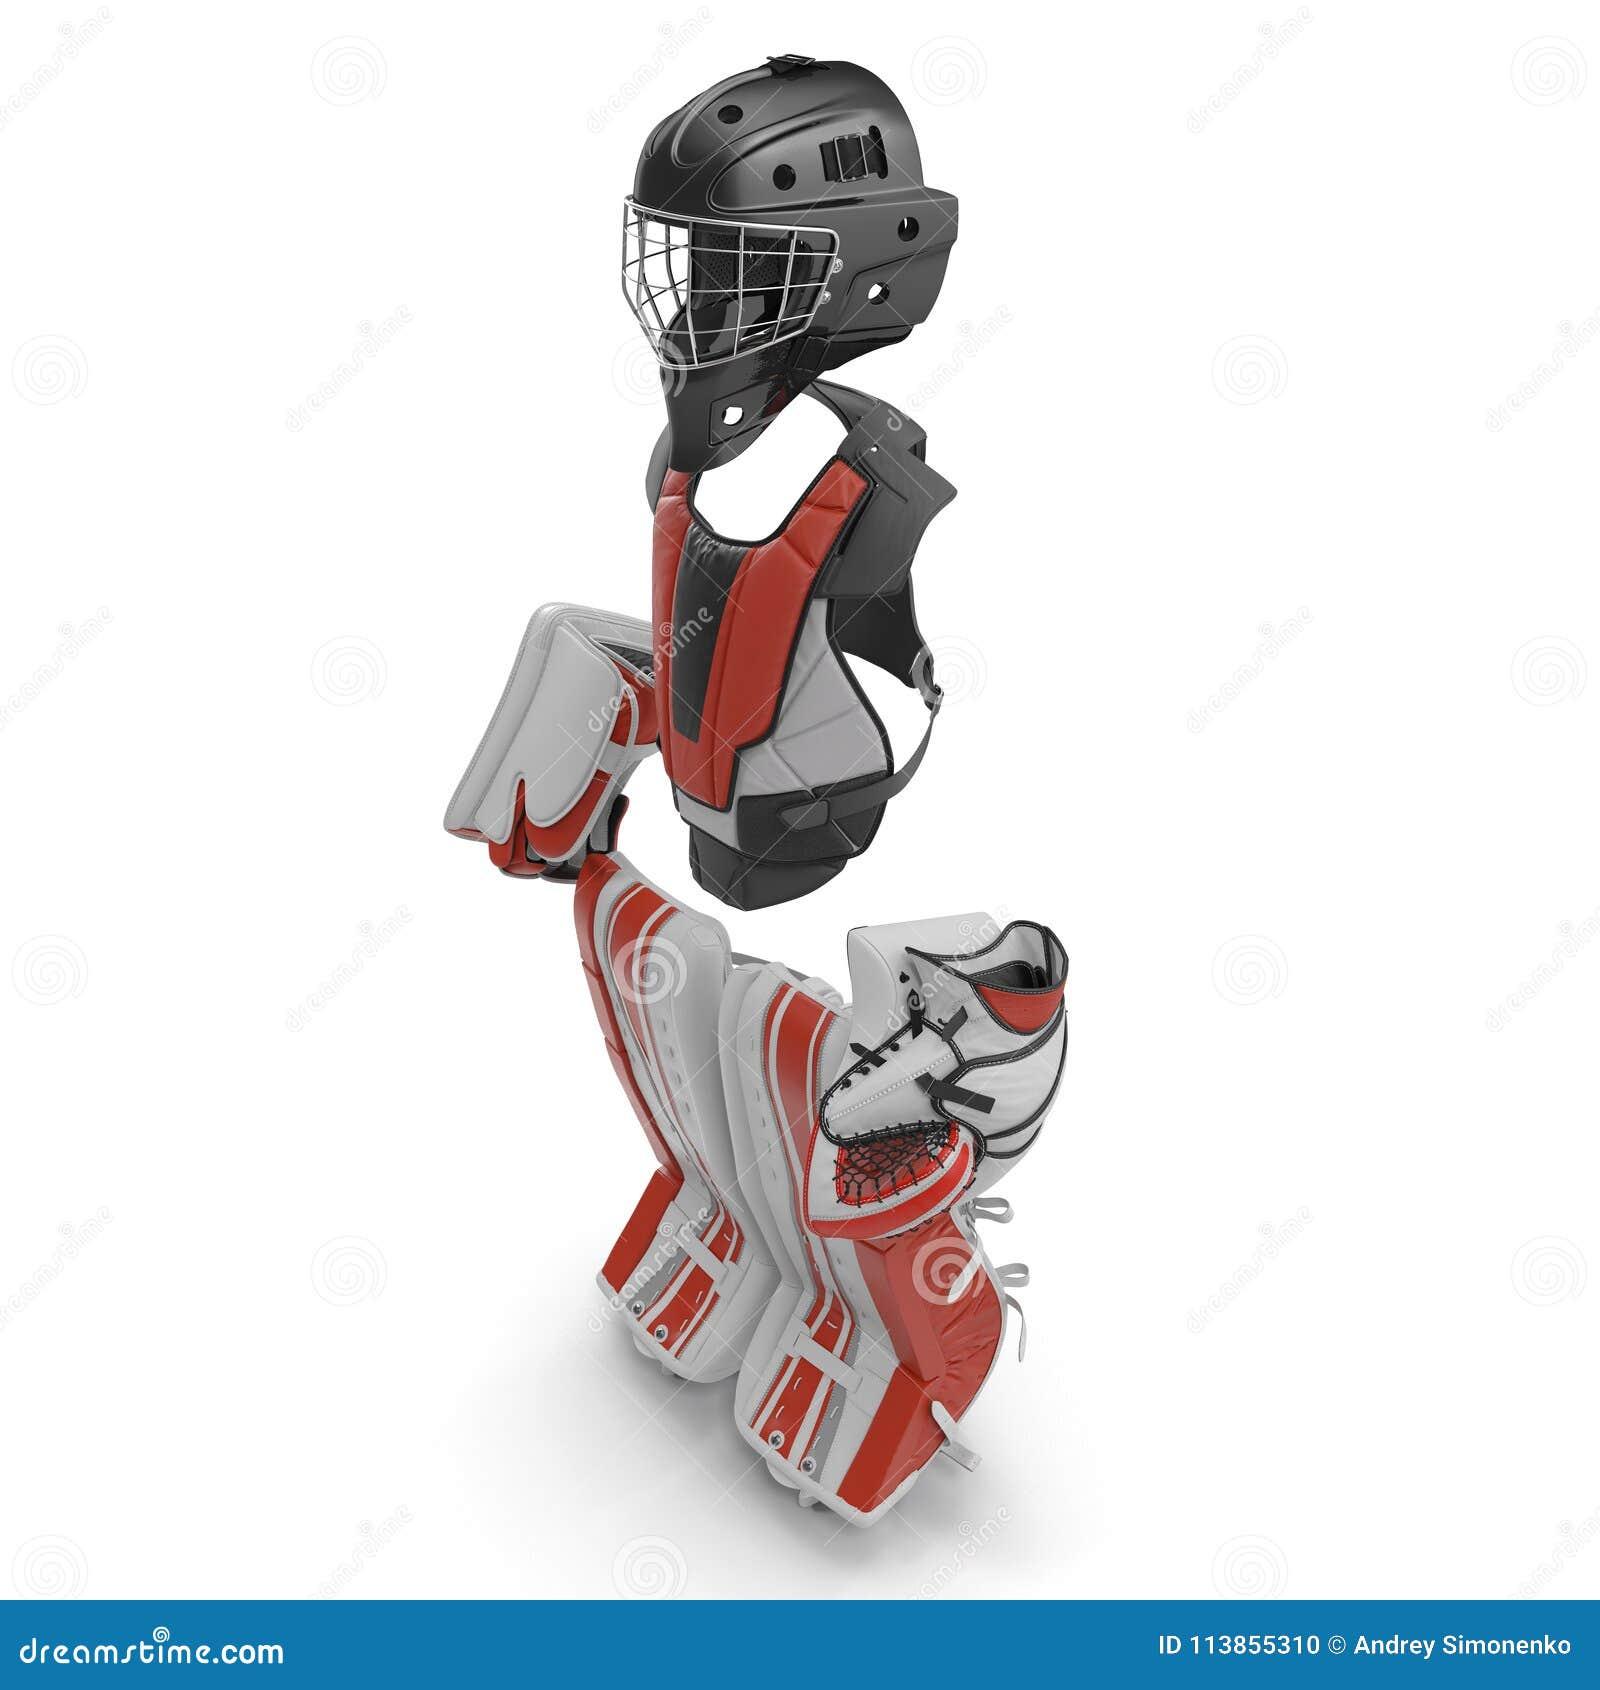 Hockey Goalie Protection Kit On White 3d Illustration Stock